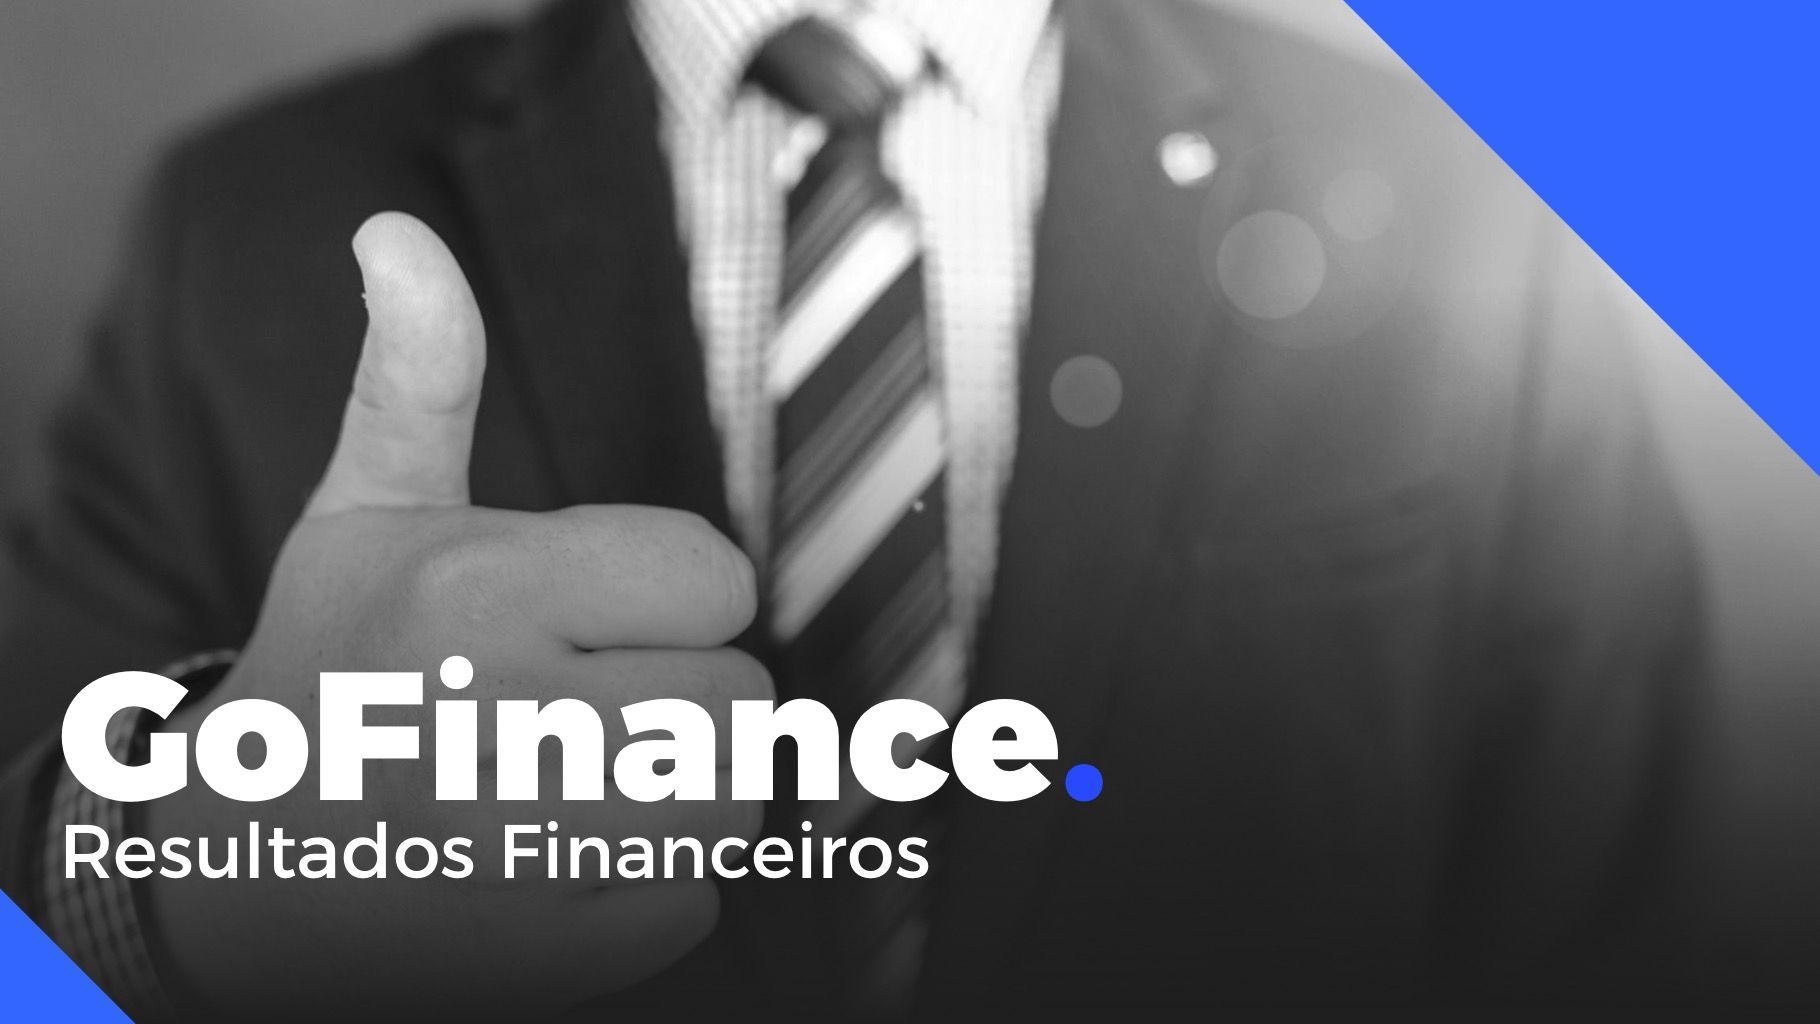 Tema De Powerpoint Para Resultados Financeiros Go Finance